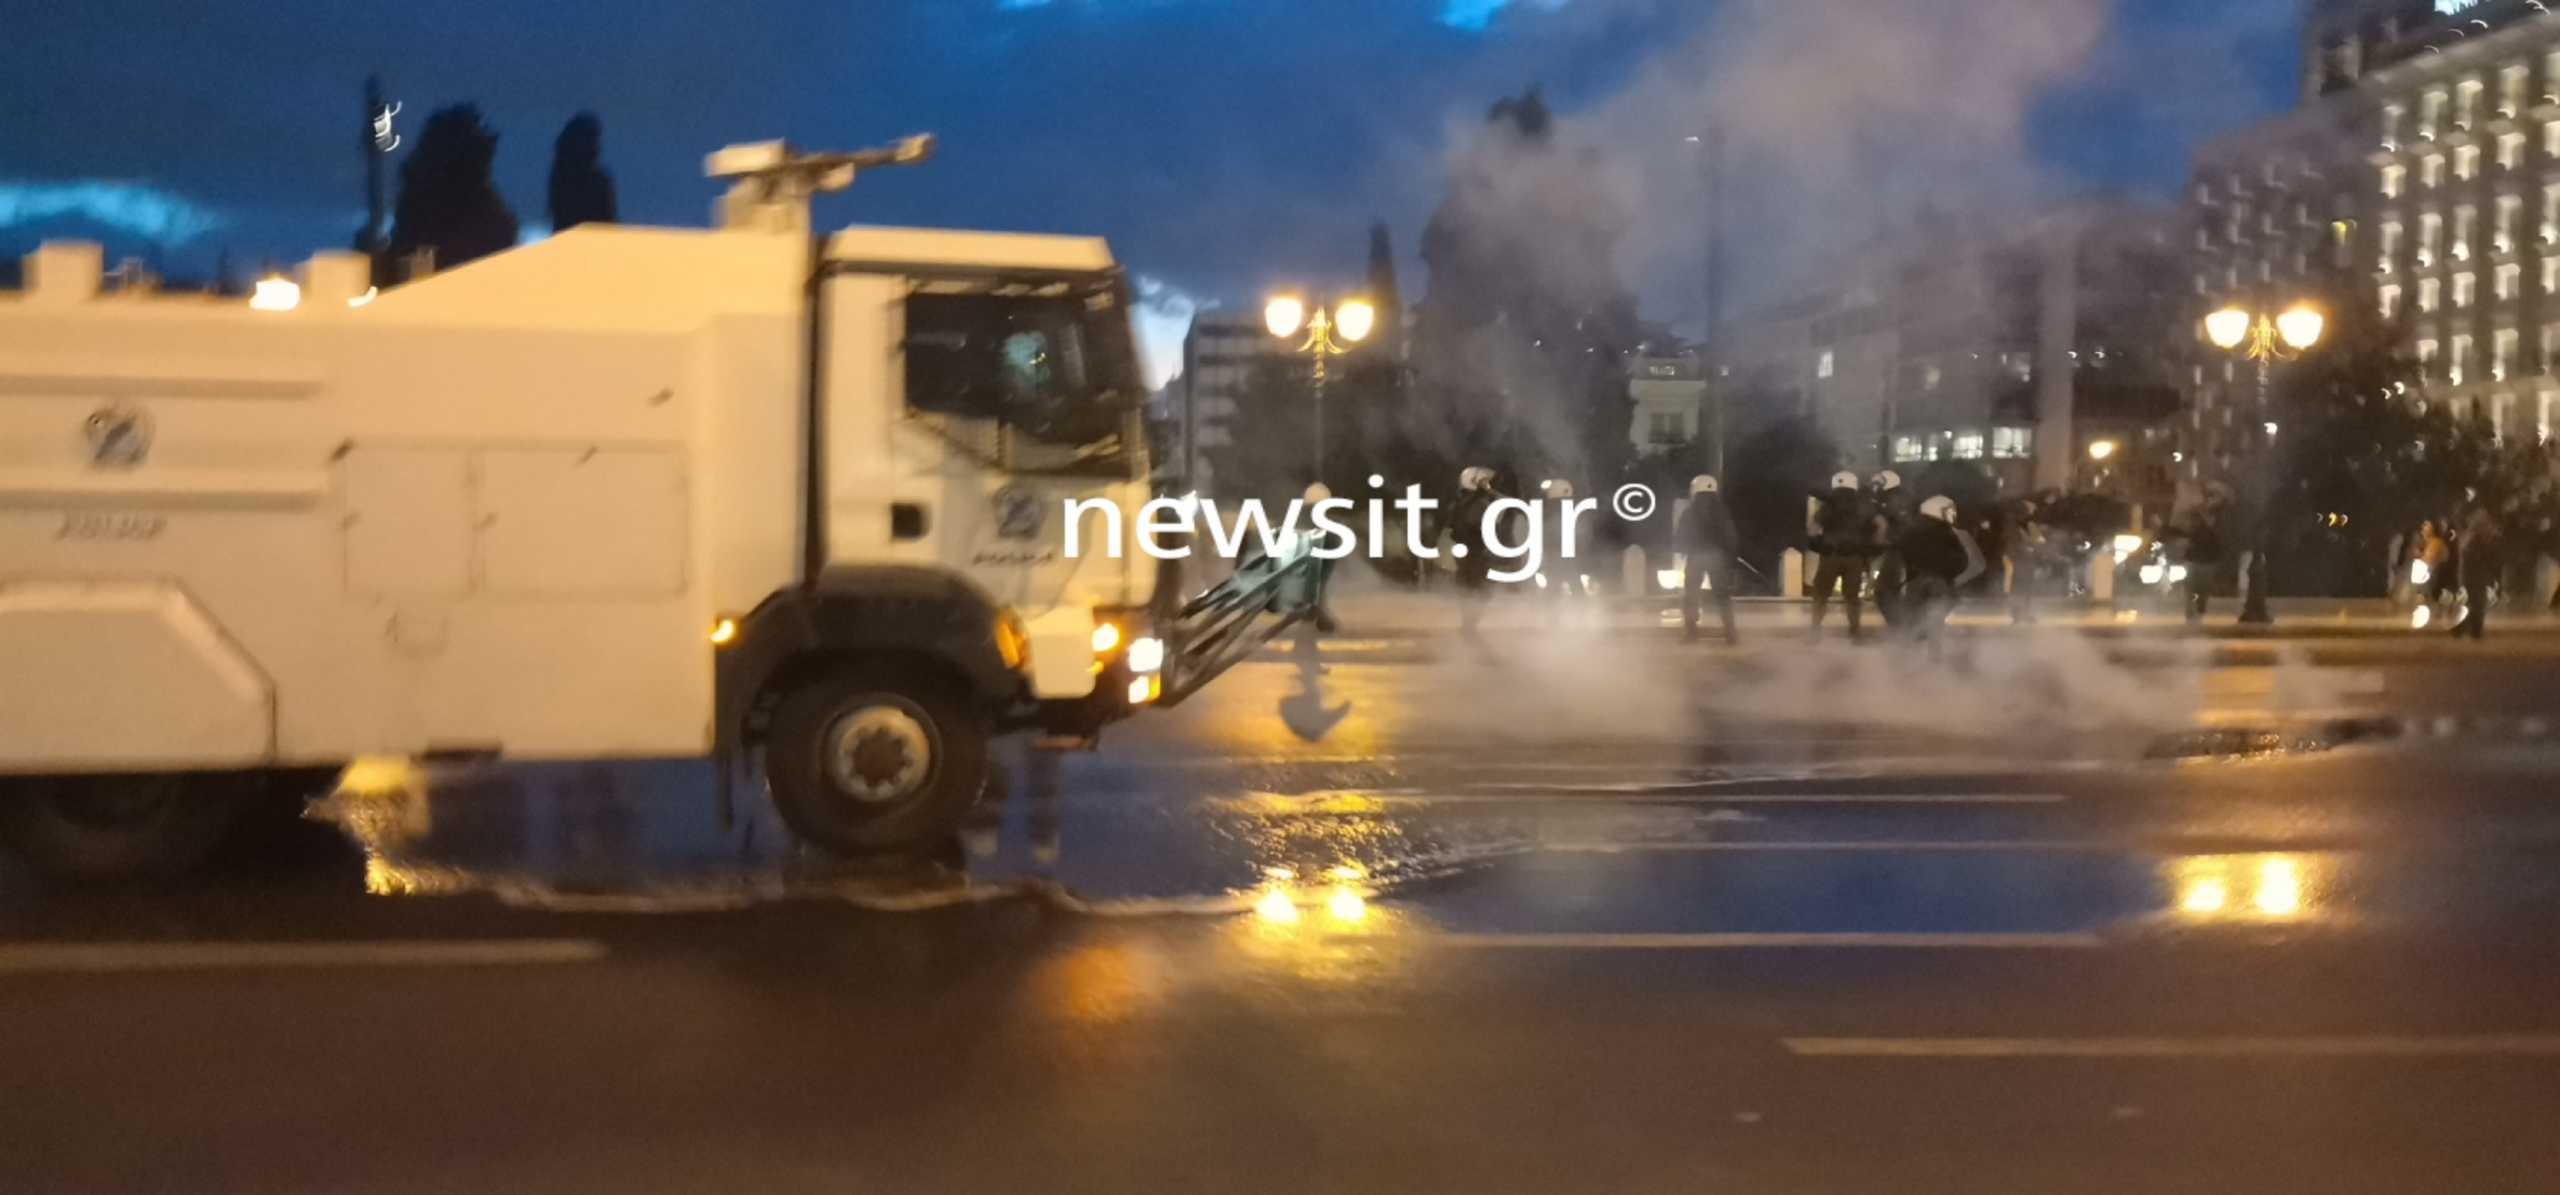 Σύνταγμα: Επεισόδια στο πανεκπαιδευτικό συλλαλητήριο